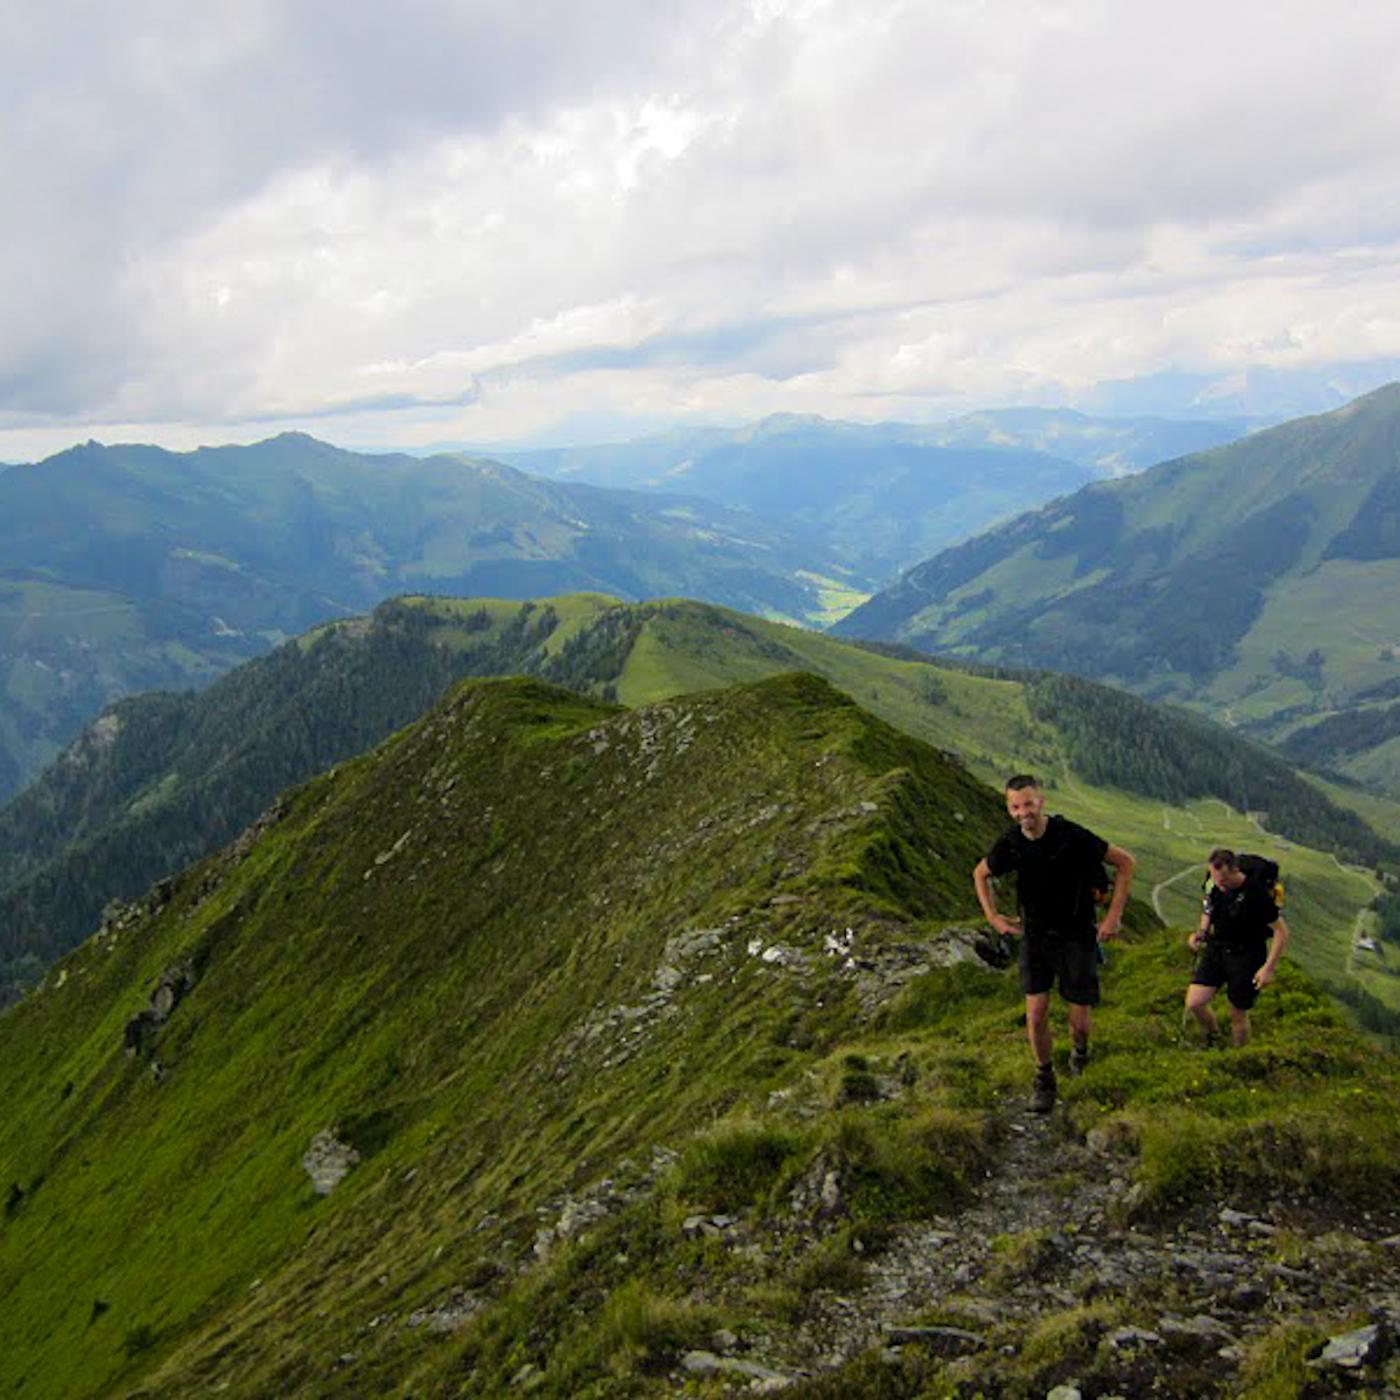 Een beklimming in beeld het geheim van de berghut - Berghut foto ...